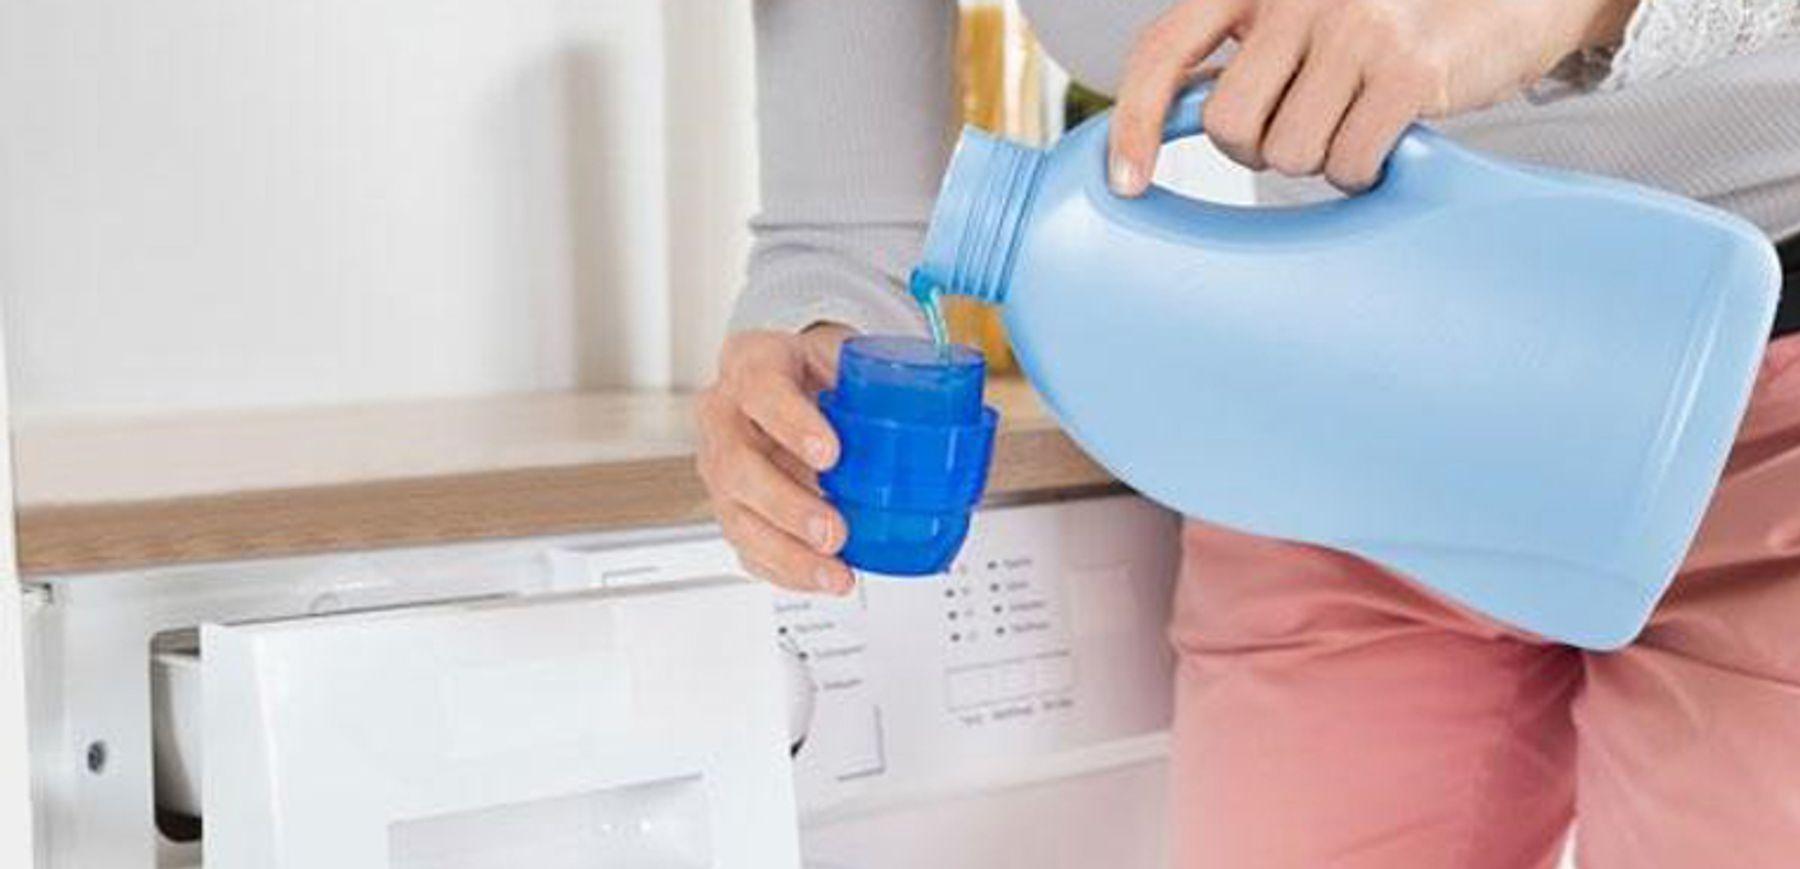 Sử dụng nước xả vải đúng cách cho máy giặt